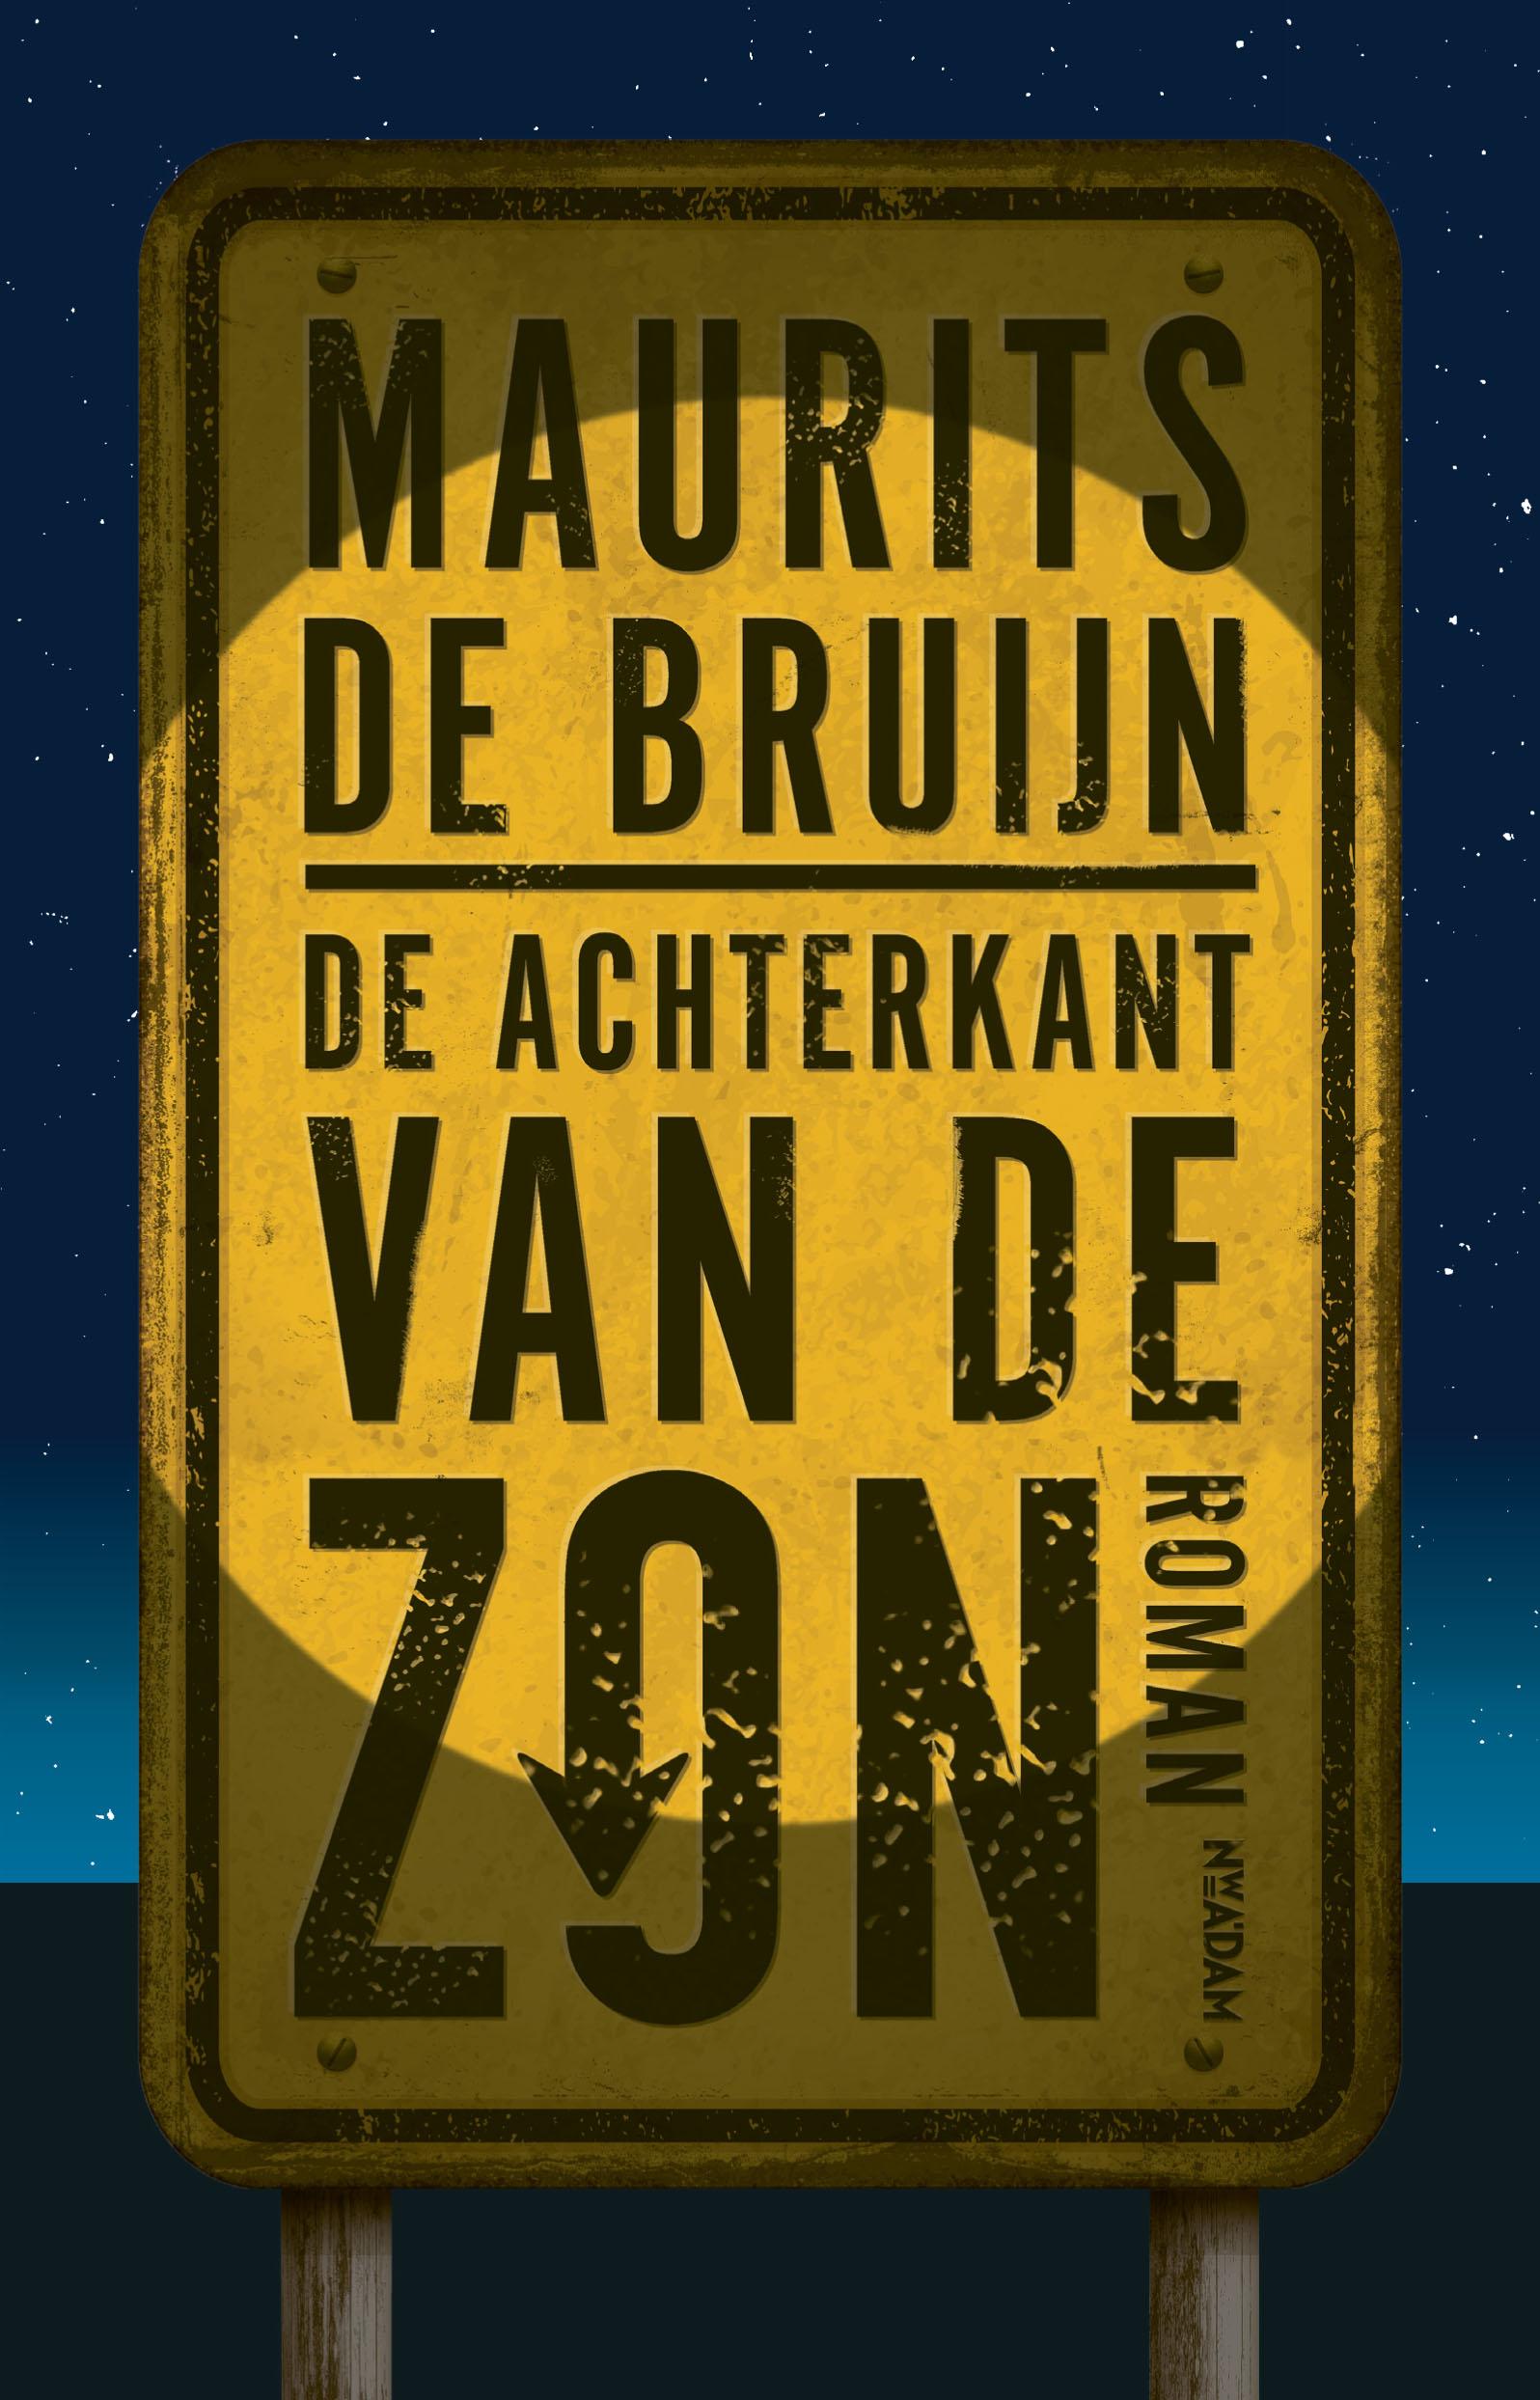 De achterkant van de zon – Maurits de Bruijn